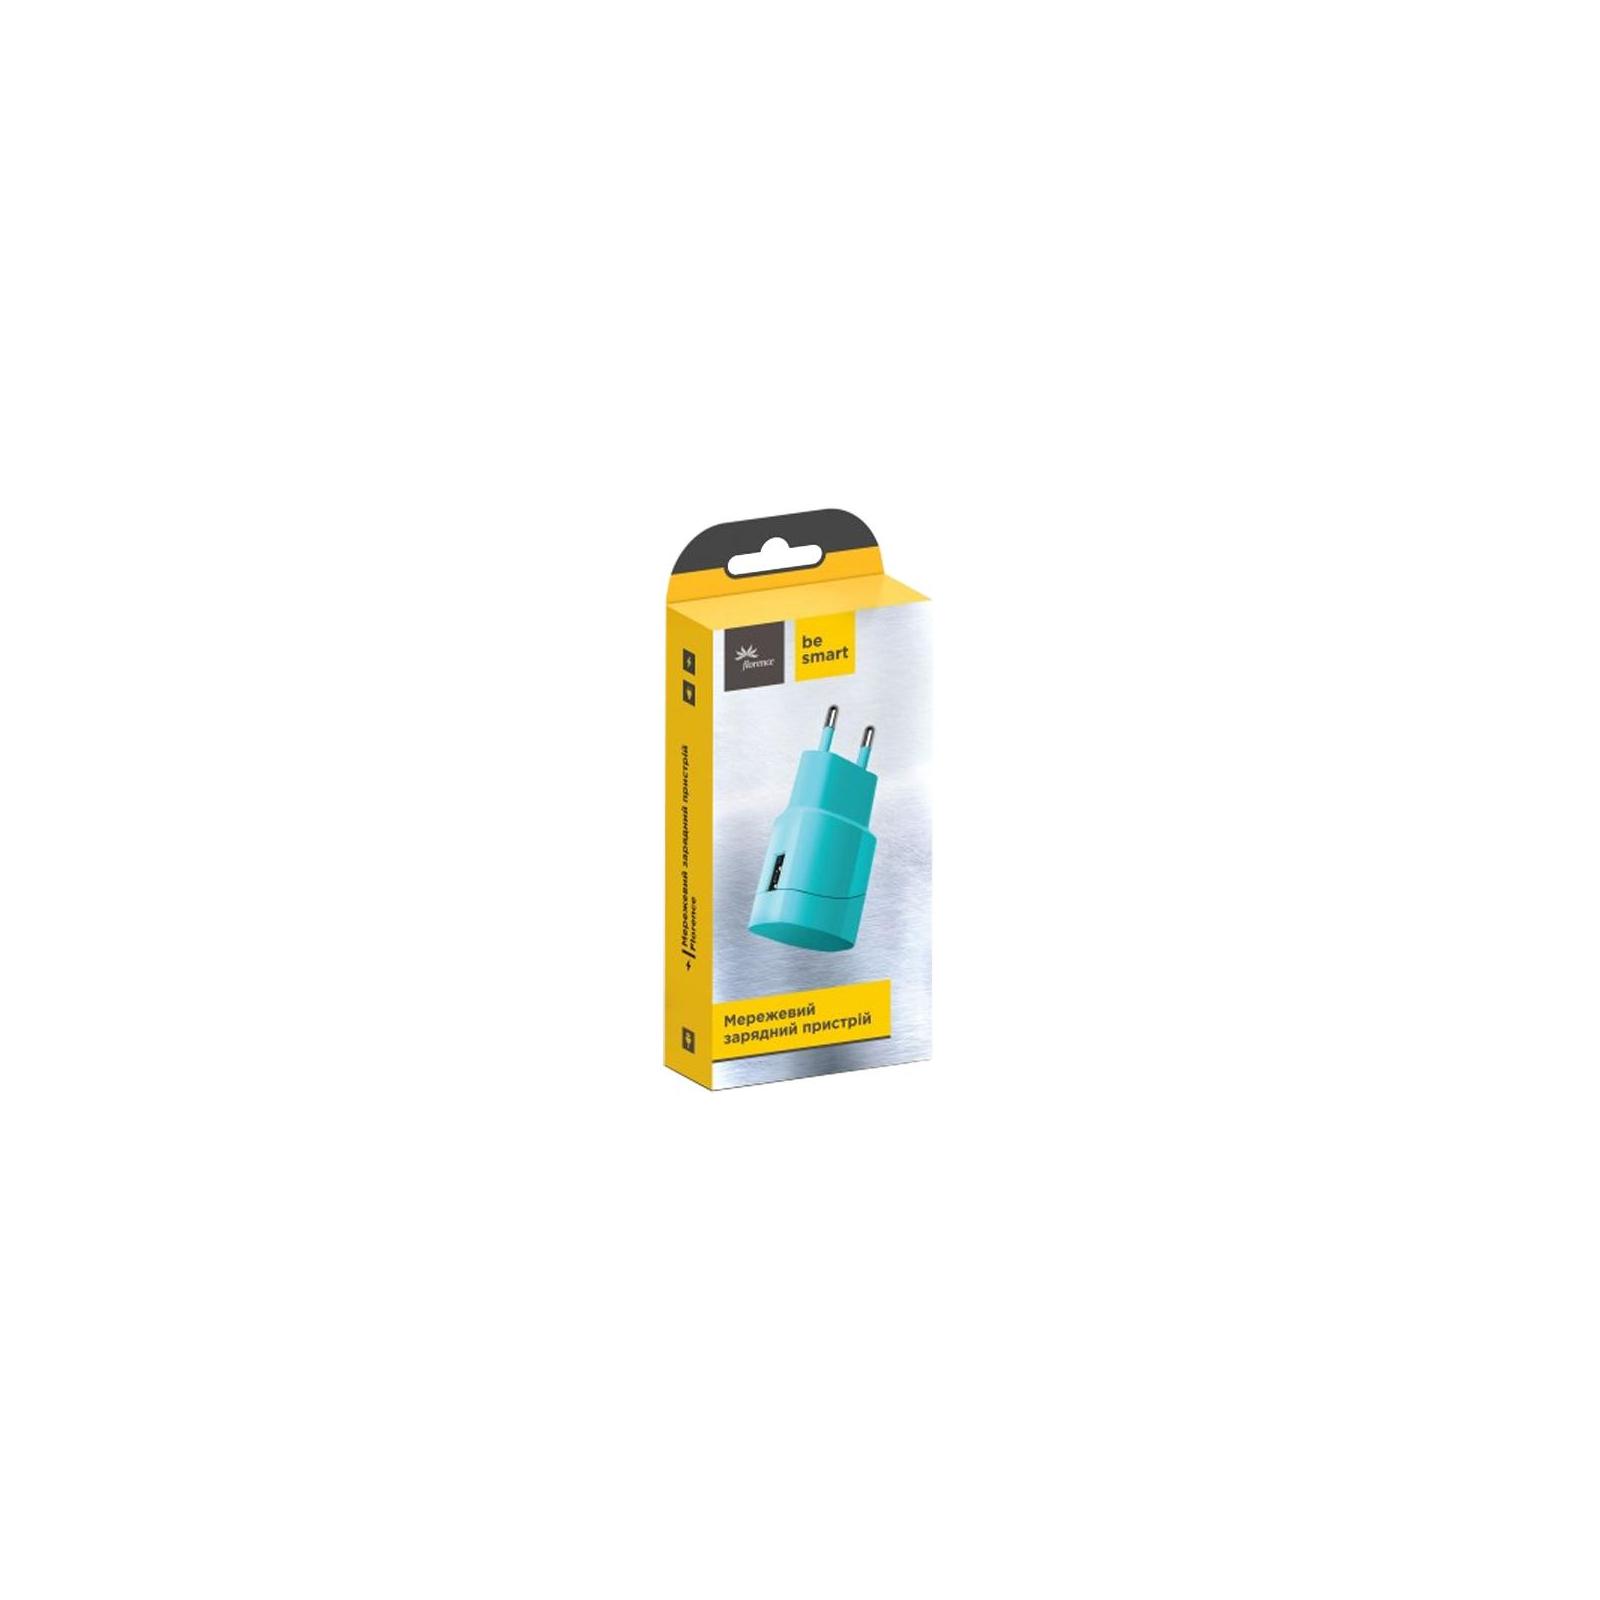 Зарядное устройство Florence USB, 1.0A aquamarin color (FW-1U010A) изображение 2